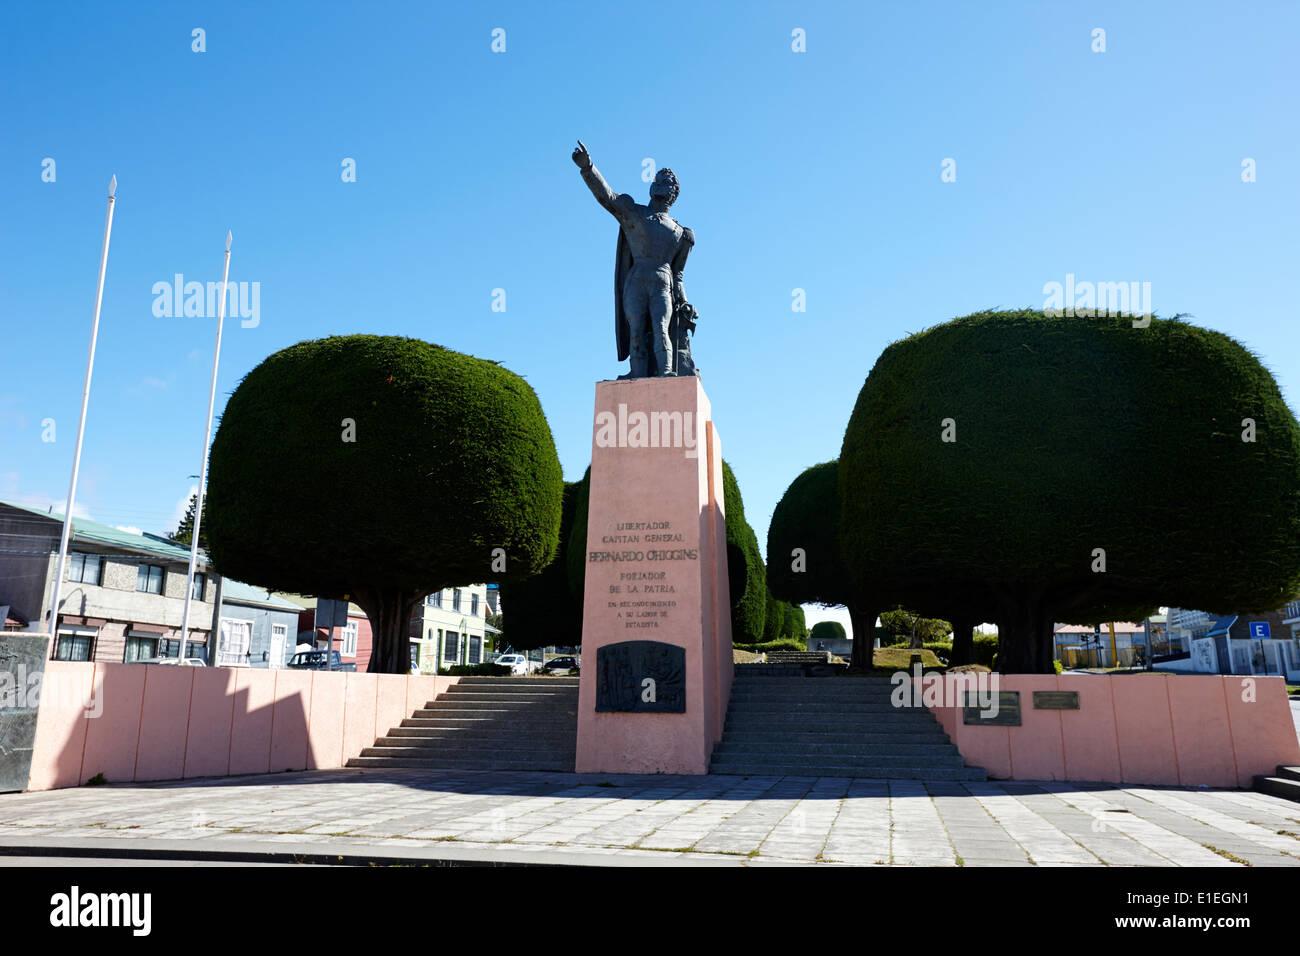 statue of libertador bernardo o'higgins Punta Arenas Chile - Stock Image